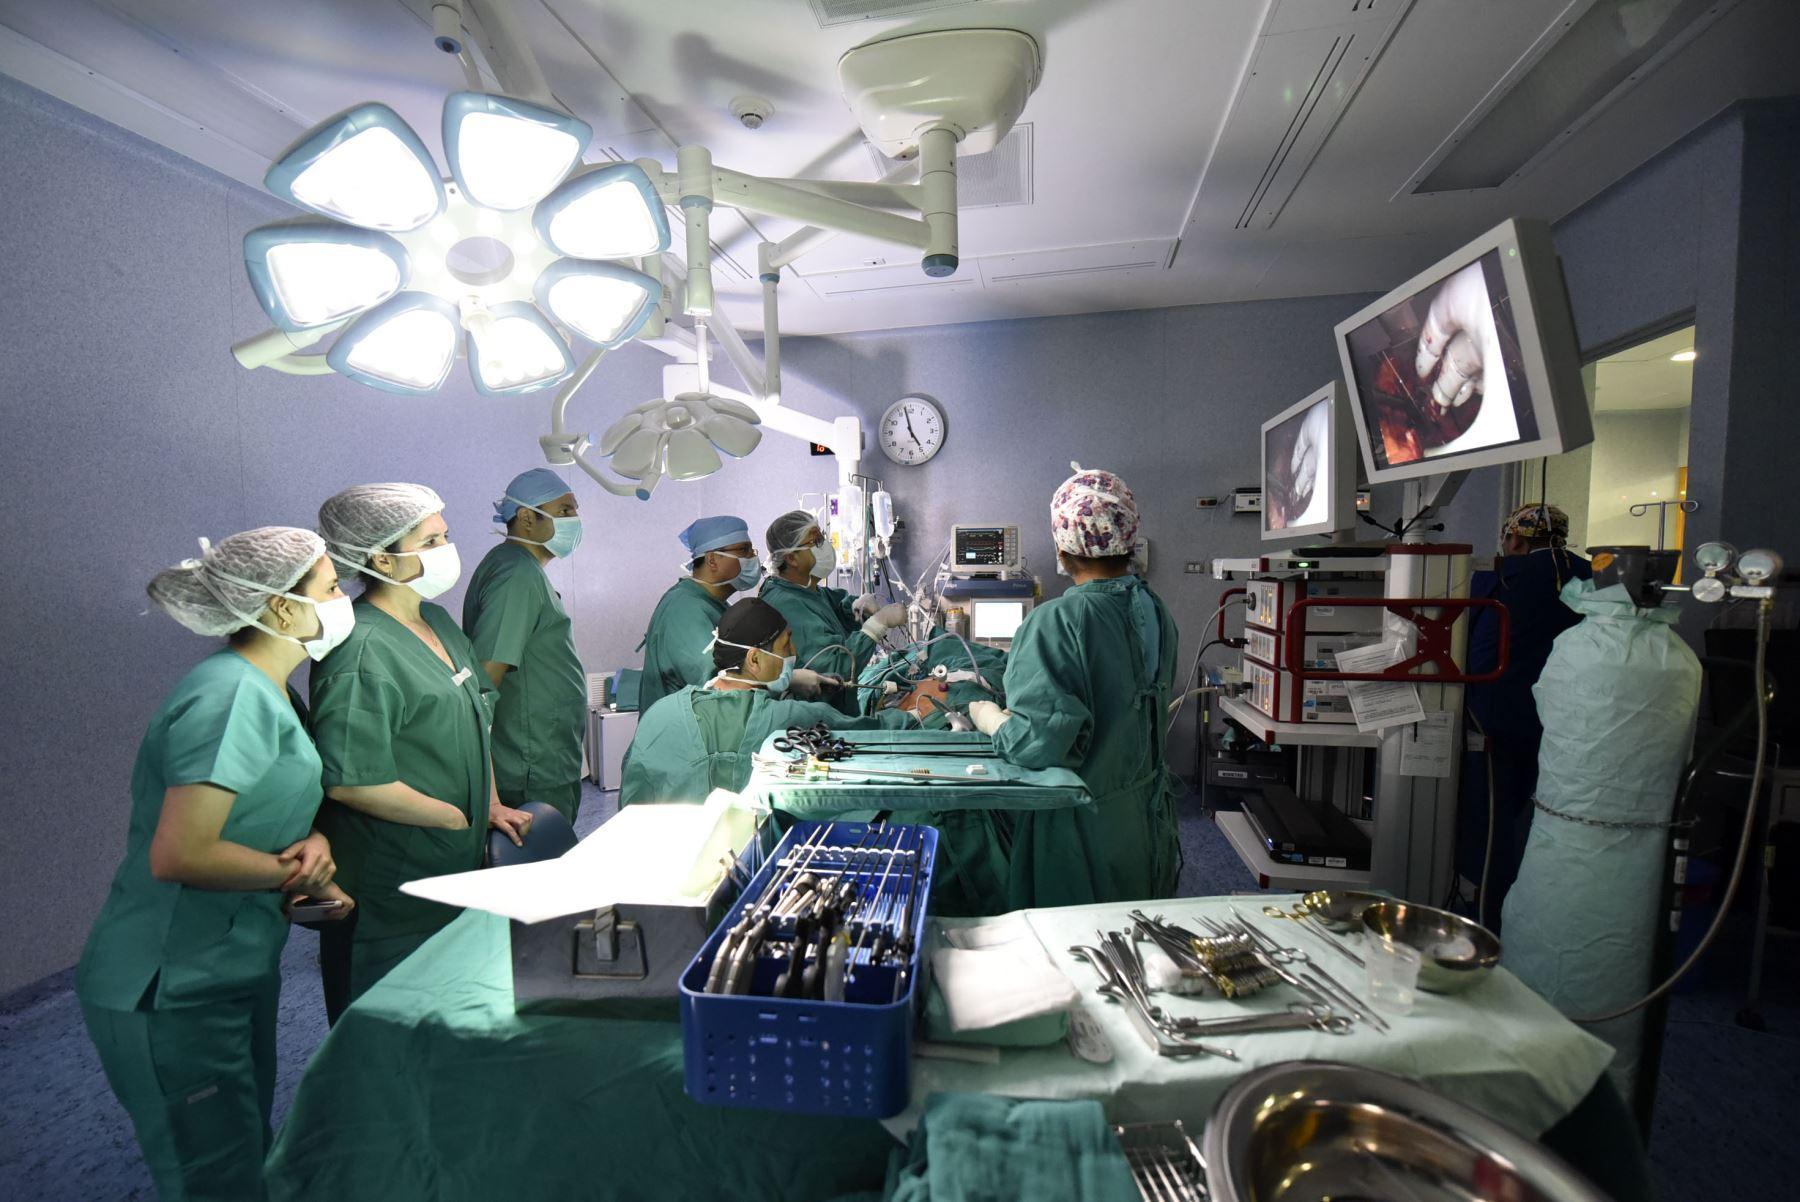 """""""Acá usamos la misma tecnología de Estados Unidos o Europa"""", asegura el doctor Manuel Moreno, cirujano de trasplantes del INSN-SB. """"Al donante se le practica una cirugía laparoscópica; se le saca el riñón por una incisión estética de 8 centímetros que casi no se ve. Y la recuperación para su vida normal puede empezar a las 4 o 6 semanas de la intervención"""".  Foto: ANDINA/INSN-SB"""